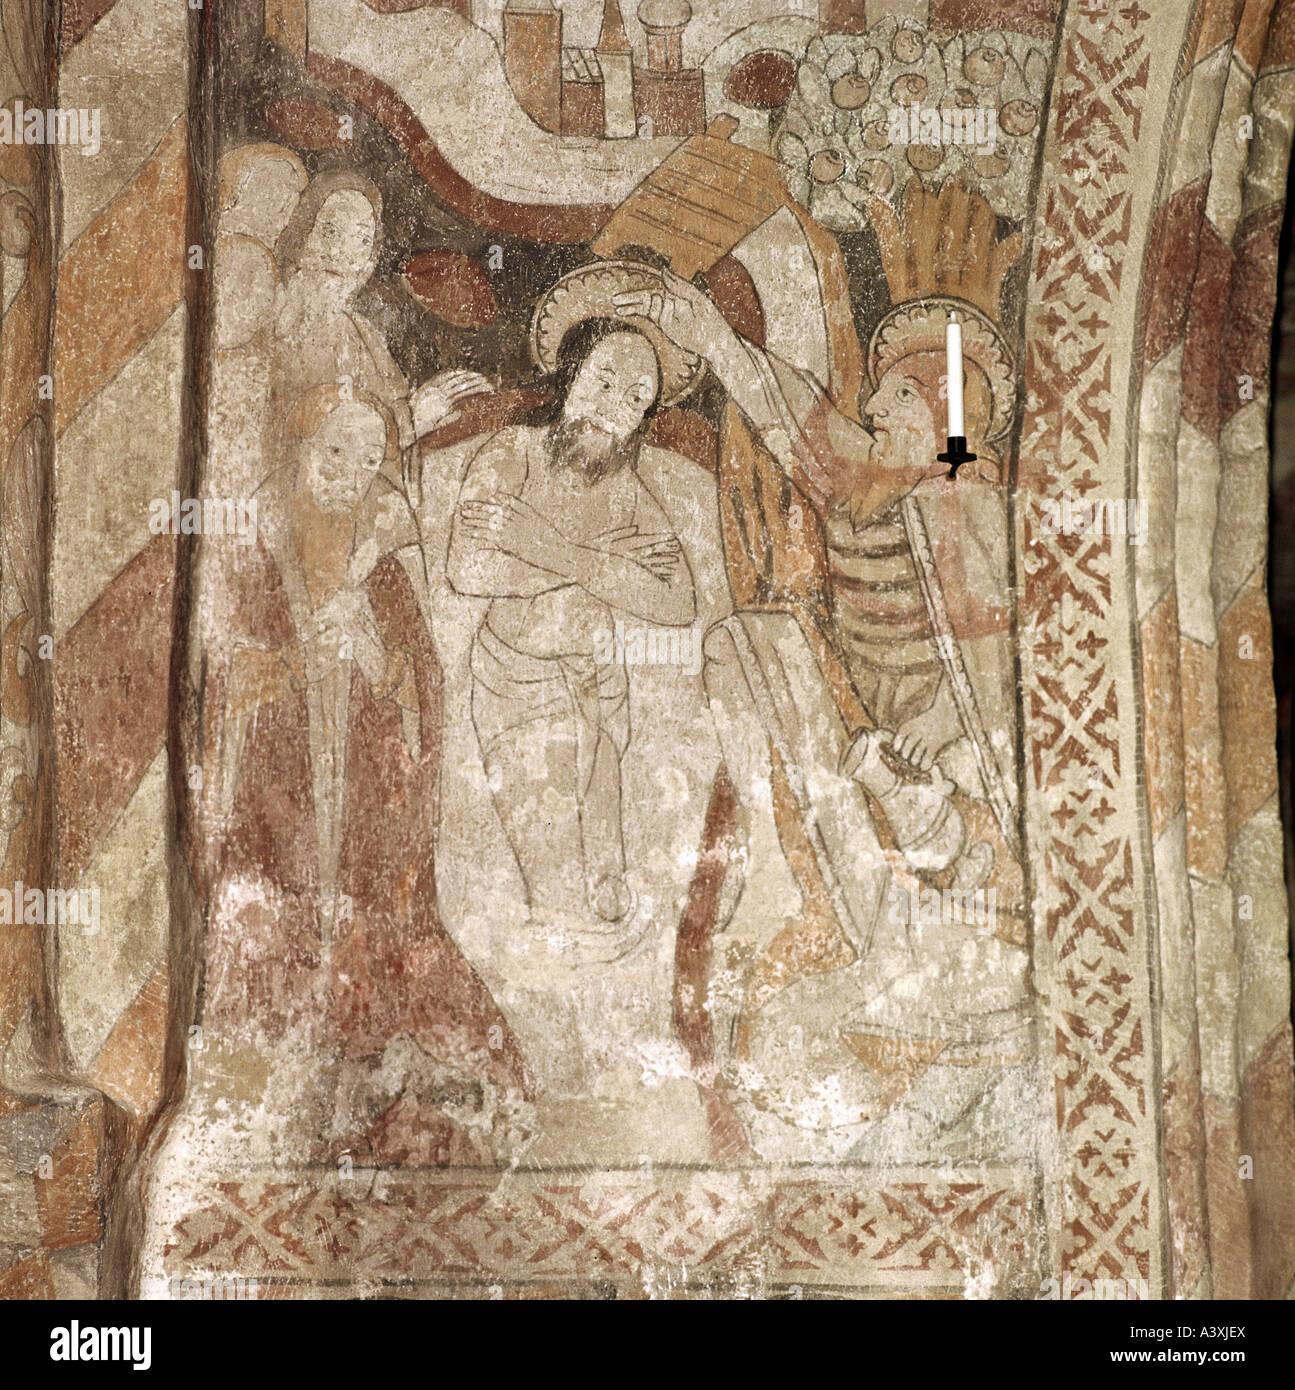 Belle arti, l'arte religiosa, Gesù Cristo, battesimo, dipinti, affreschi, dettaglio del XVI secolo, Chiesa Immagini Stock